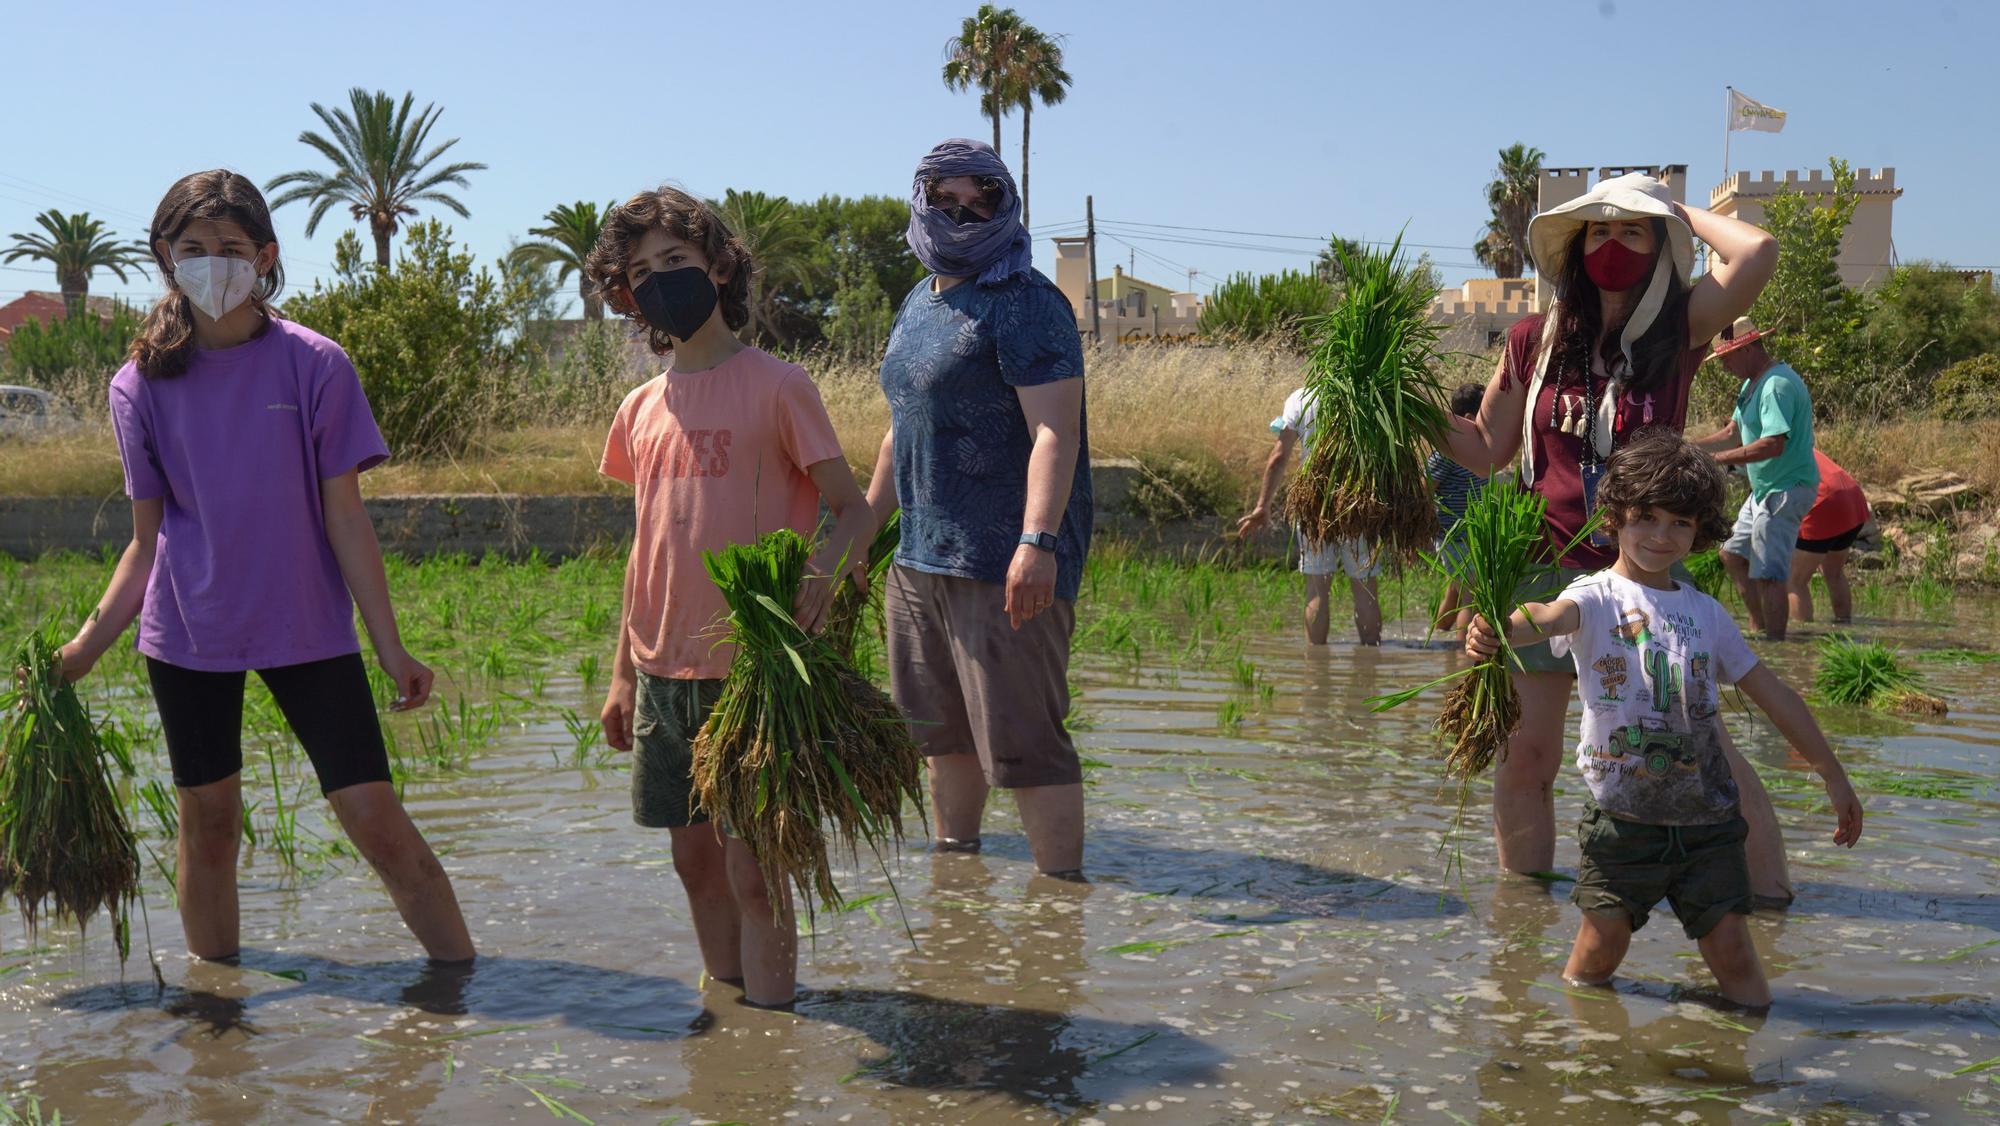 Turismo arrocero: así se puede conocer cómo se planta el arroz de l'Albufera